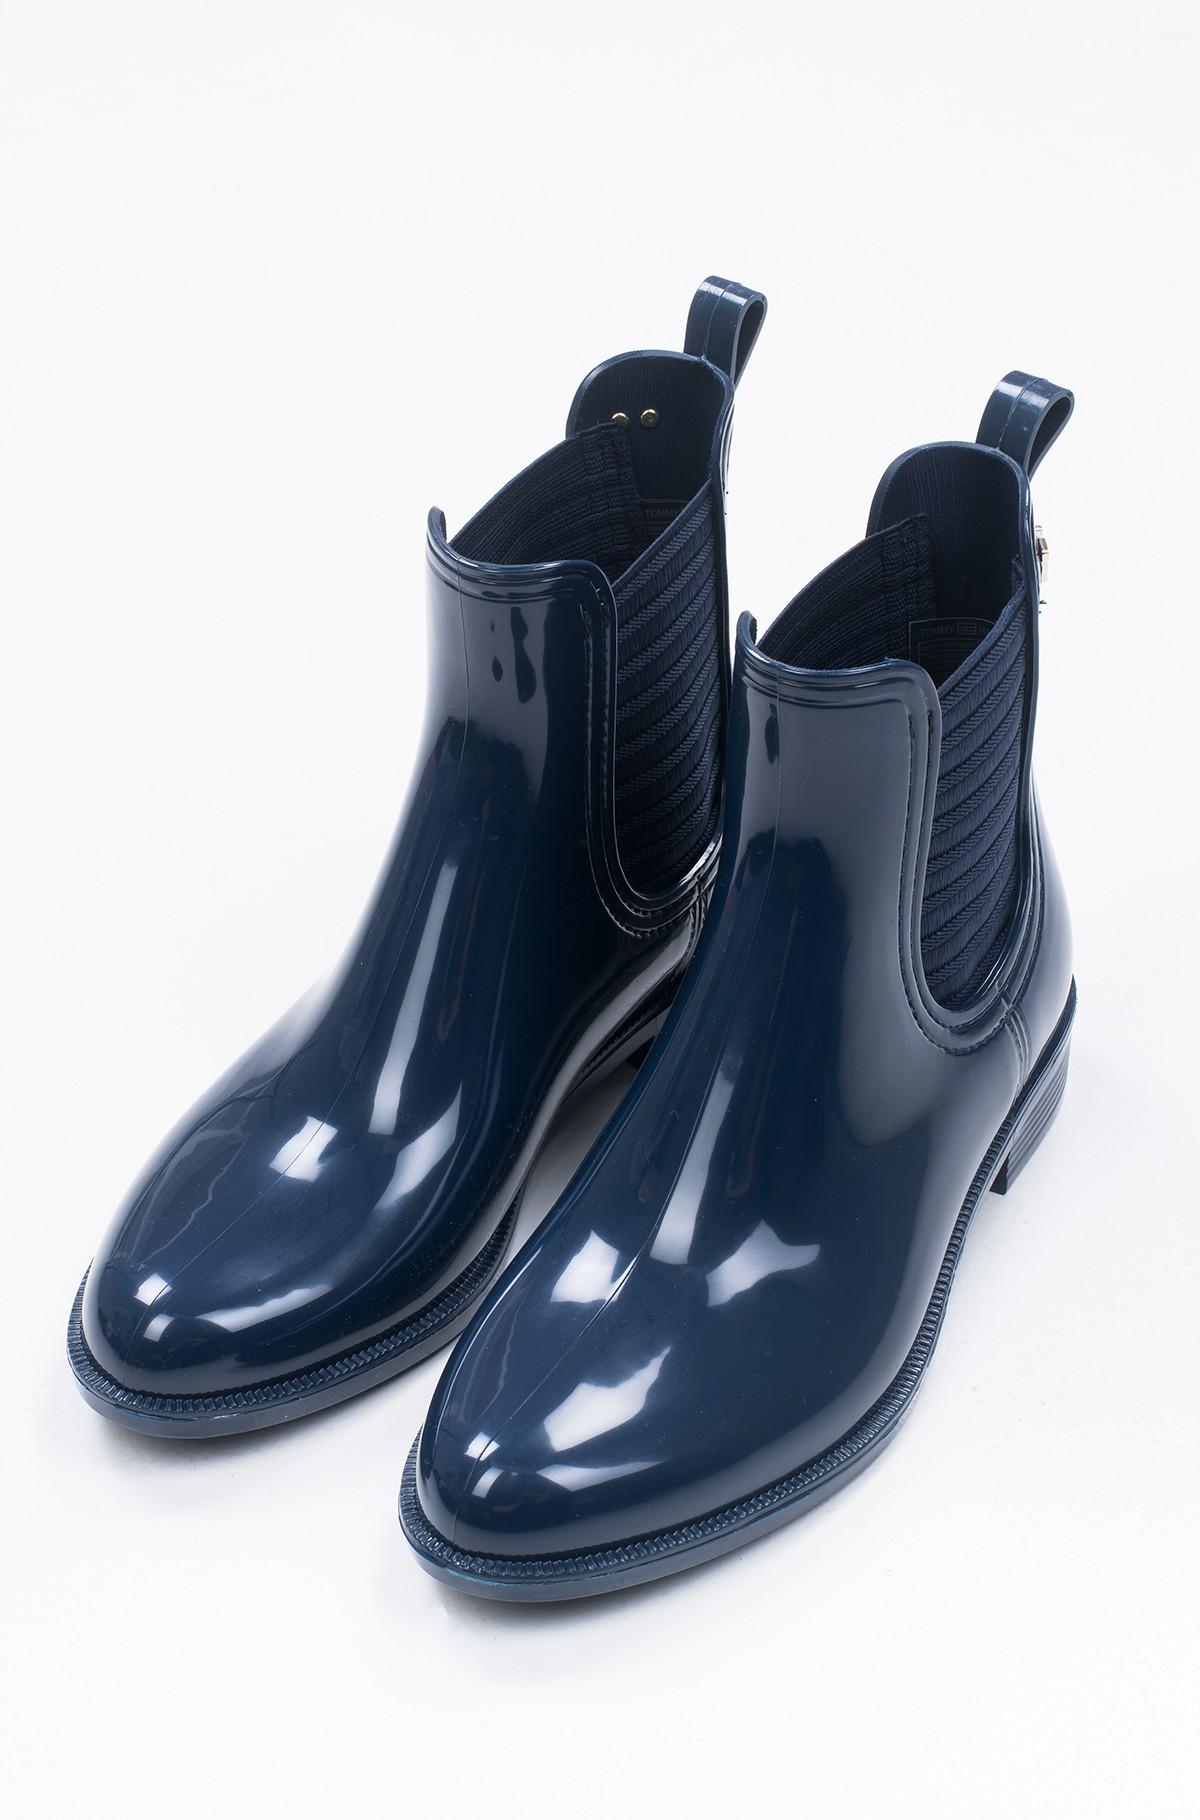 Guminiai batai FEMININE PATENT RAINBOOT-full-3